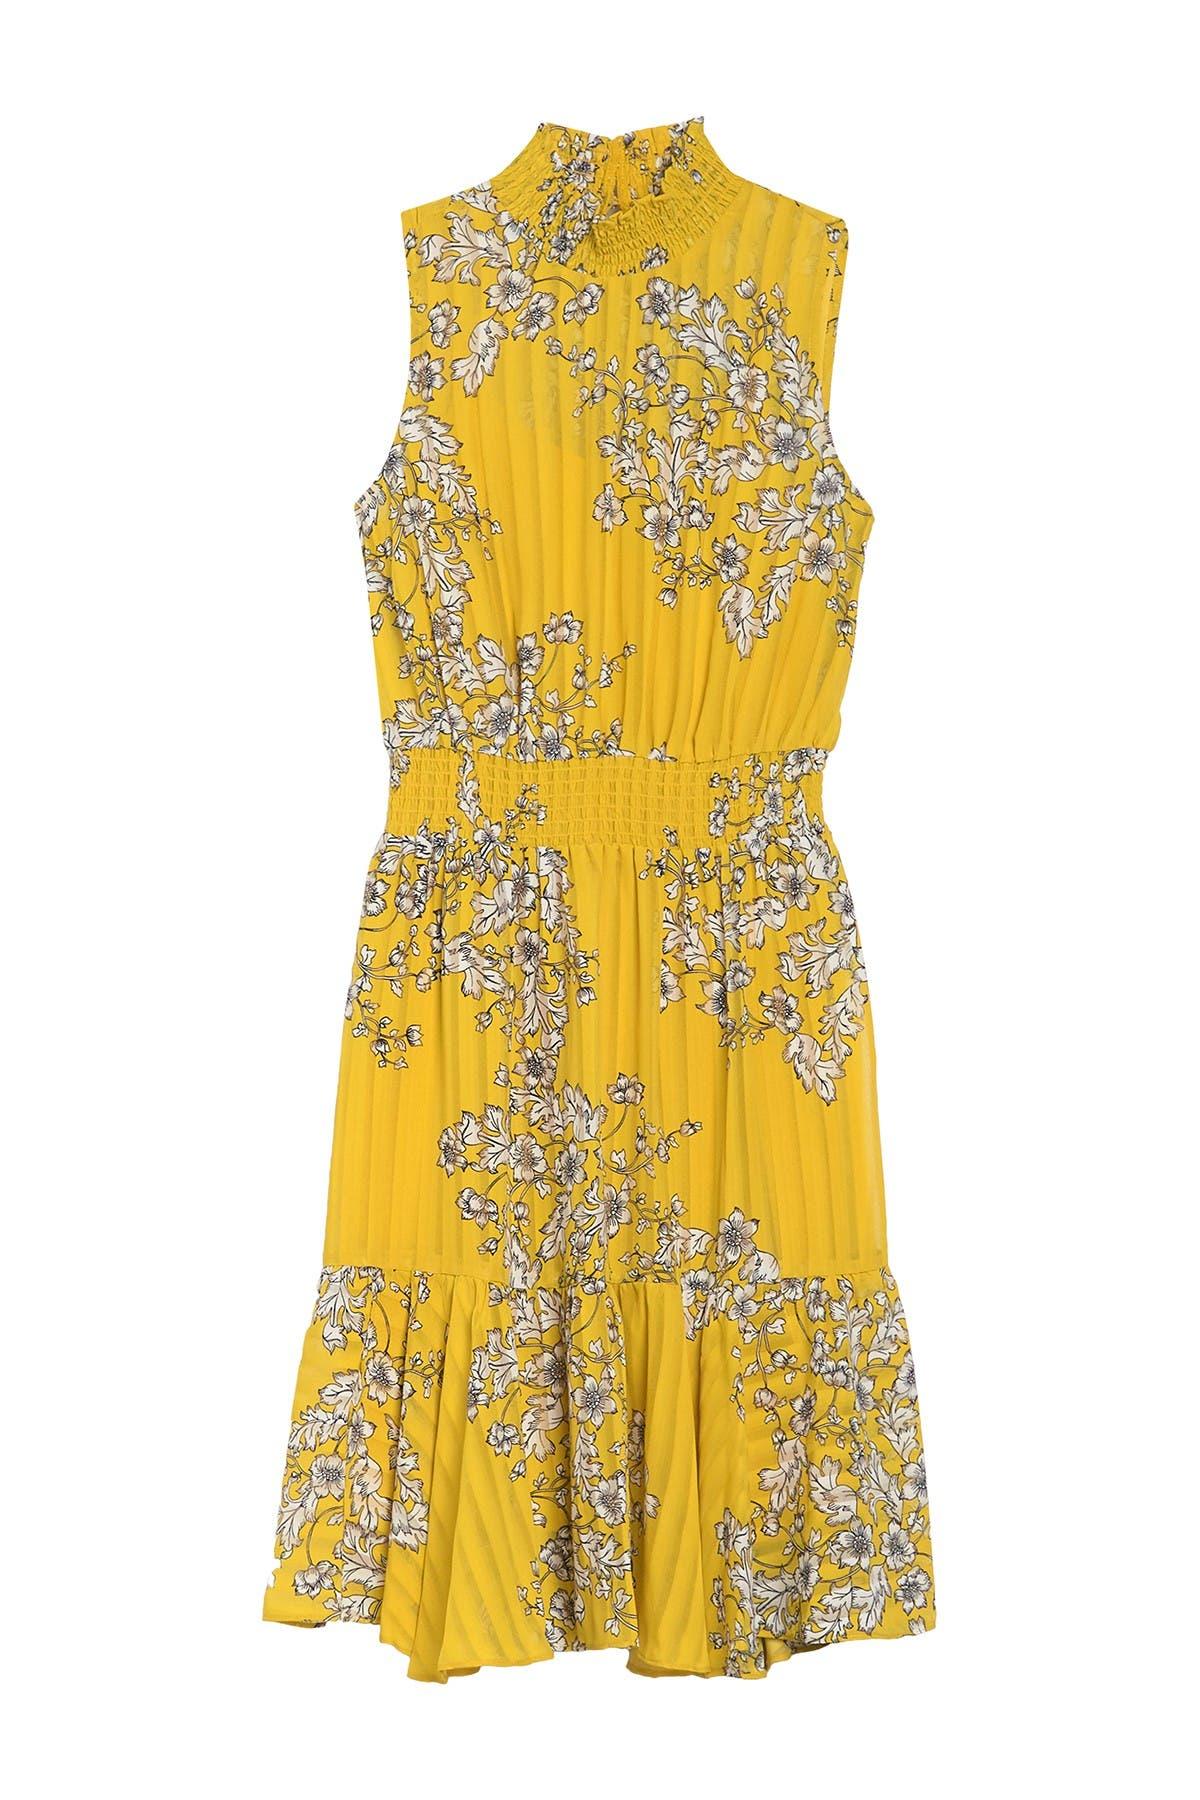 Image of NANETTE nanette lepore Smocked Neck Sleeveless Floral Print Dress